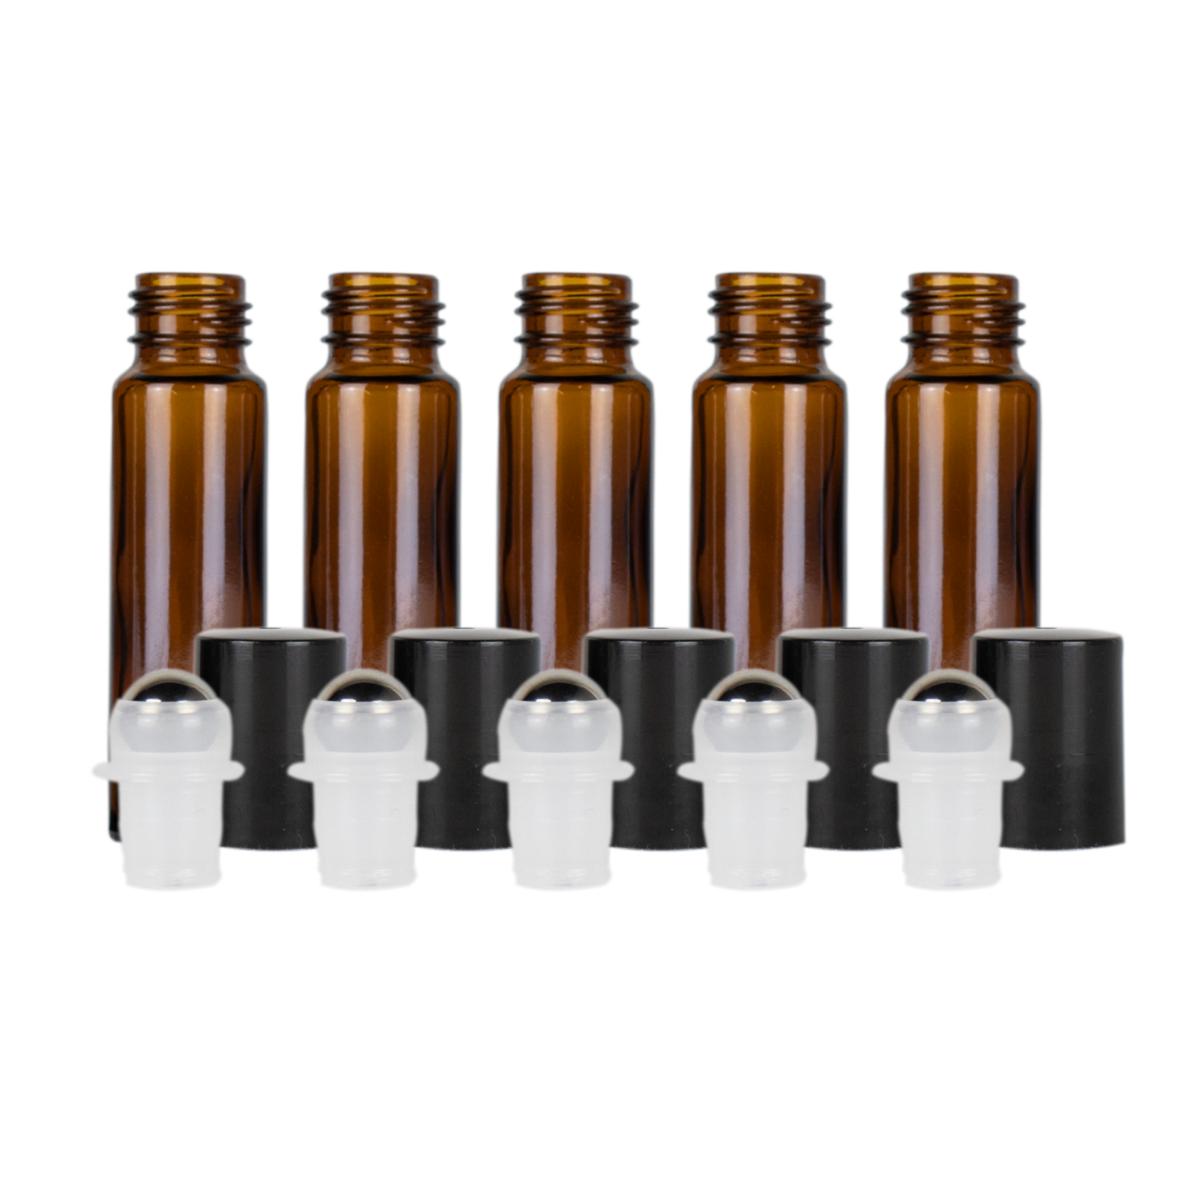 10ml Amber Glass Roller Bottles Pack Of 5 Glass Roller Bottles Amber Glass Bottles Amber Glass